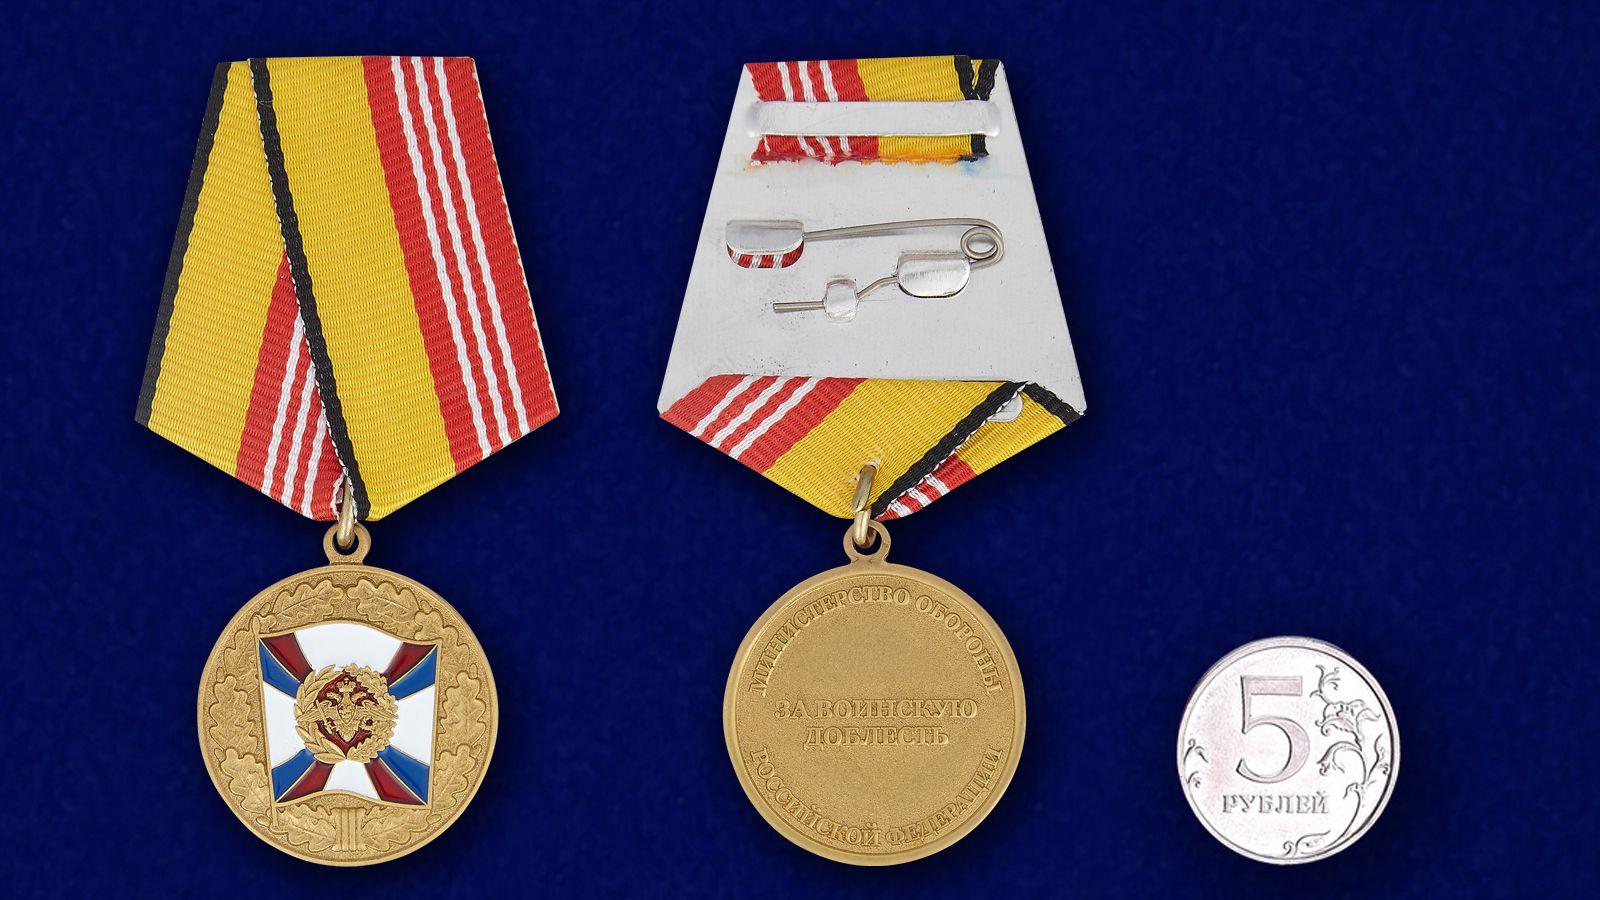 Медаль МО РФ За воинскую доблесть 3 степени - сравнительный вид